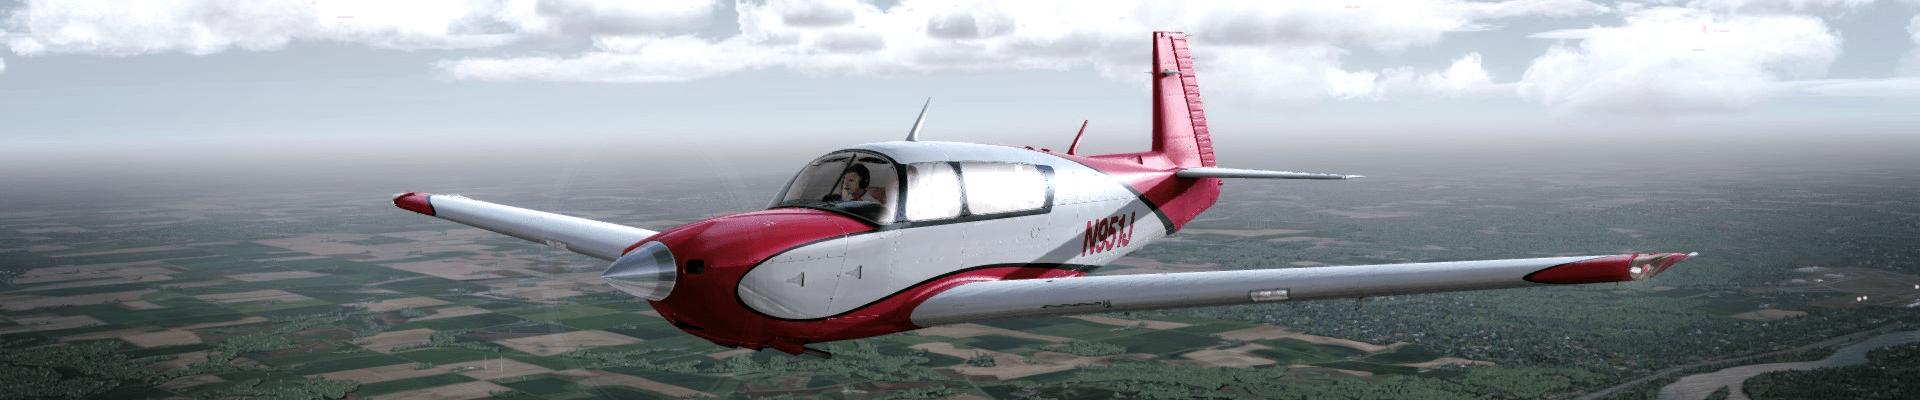 Mooney Airplane